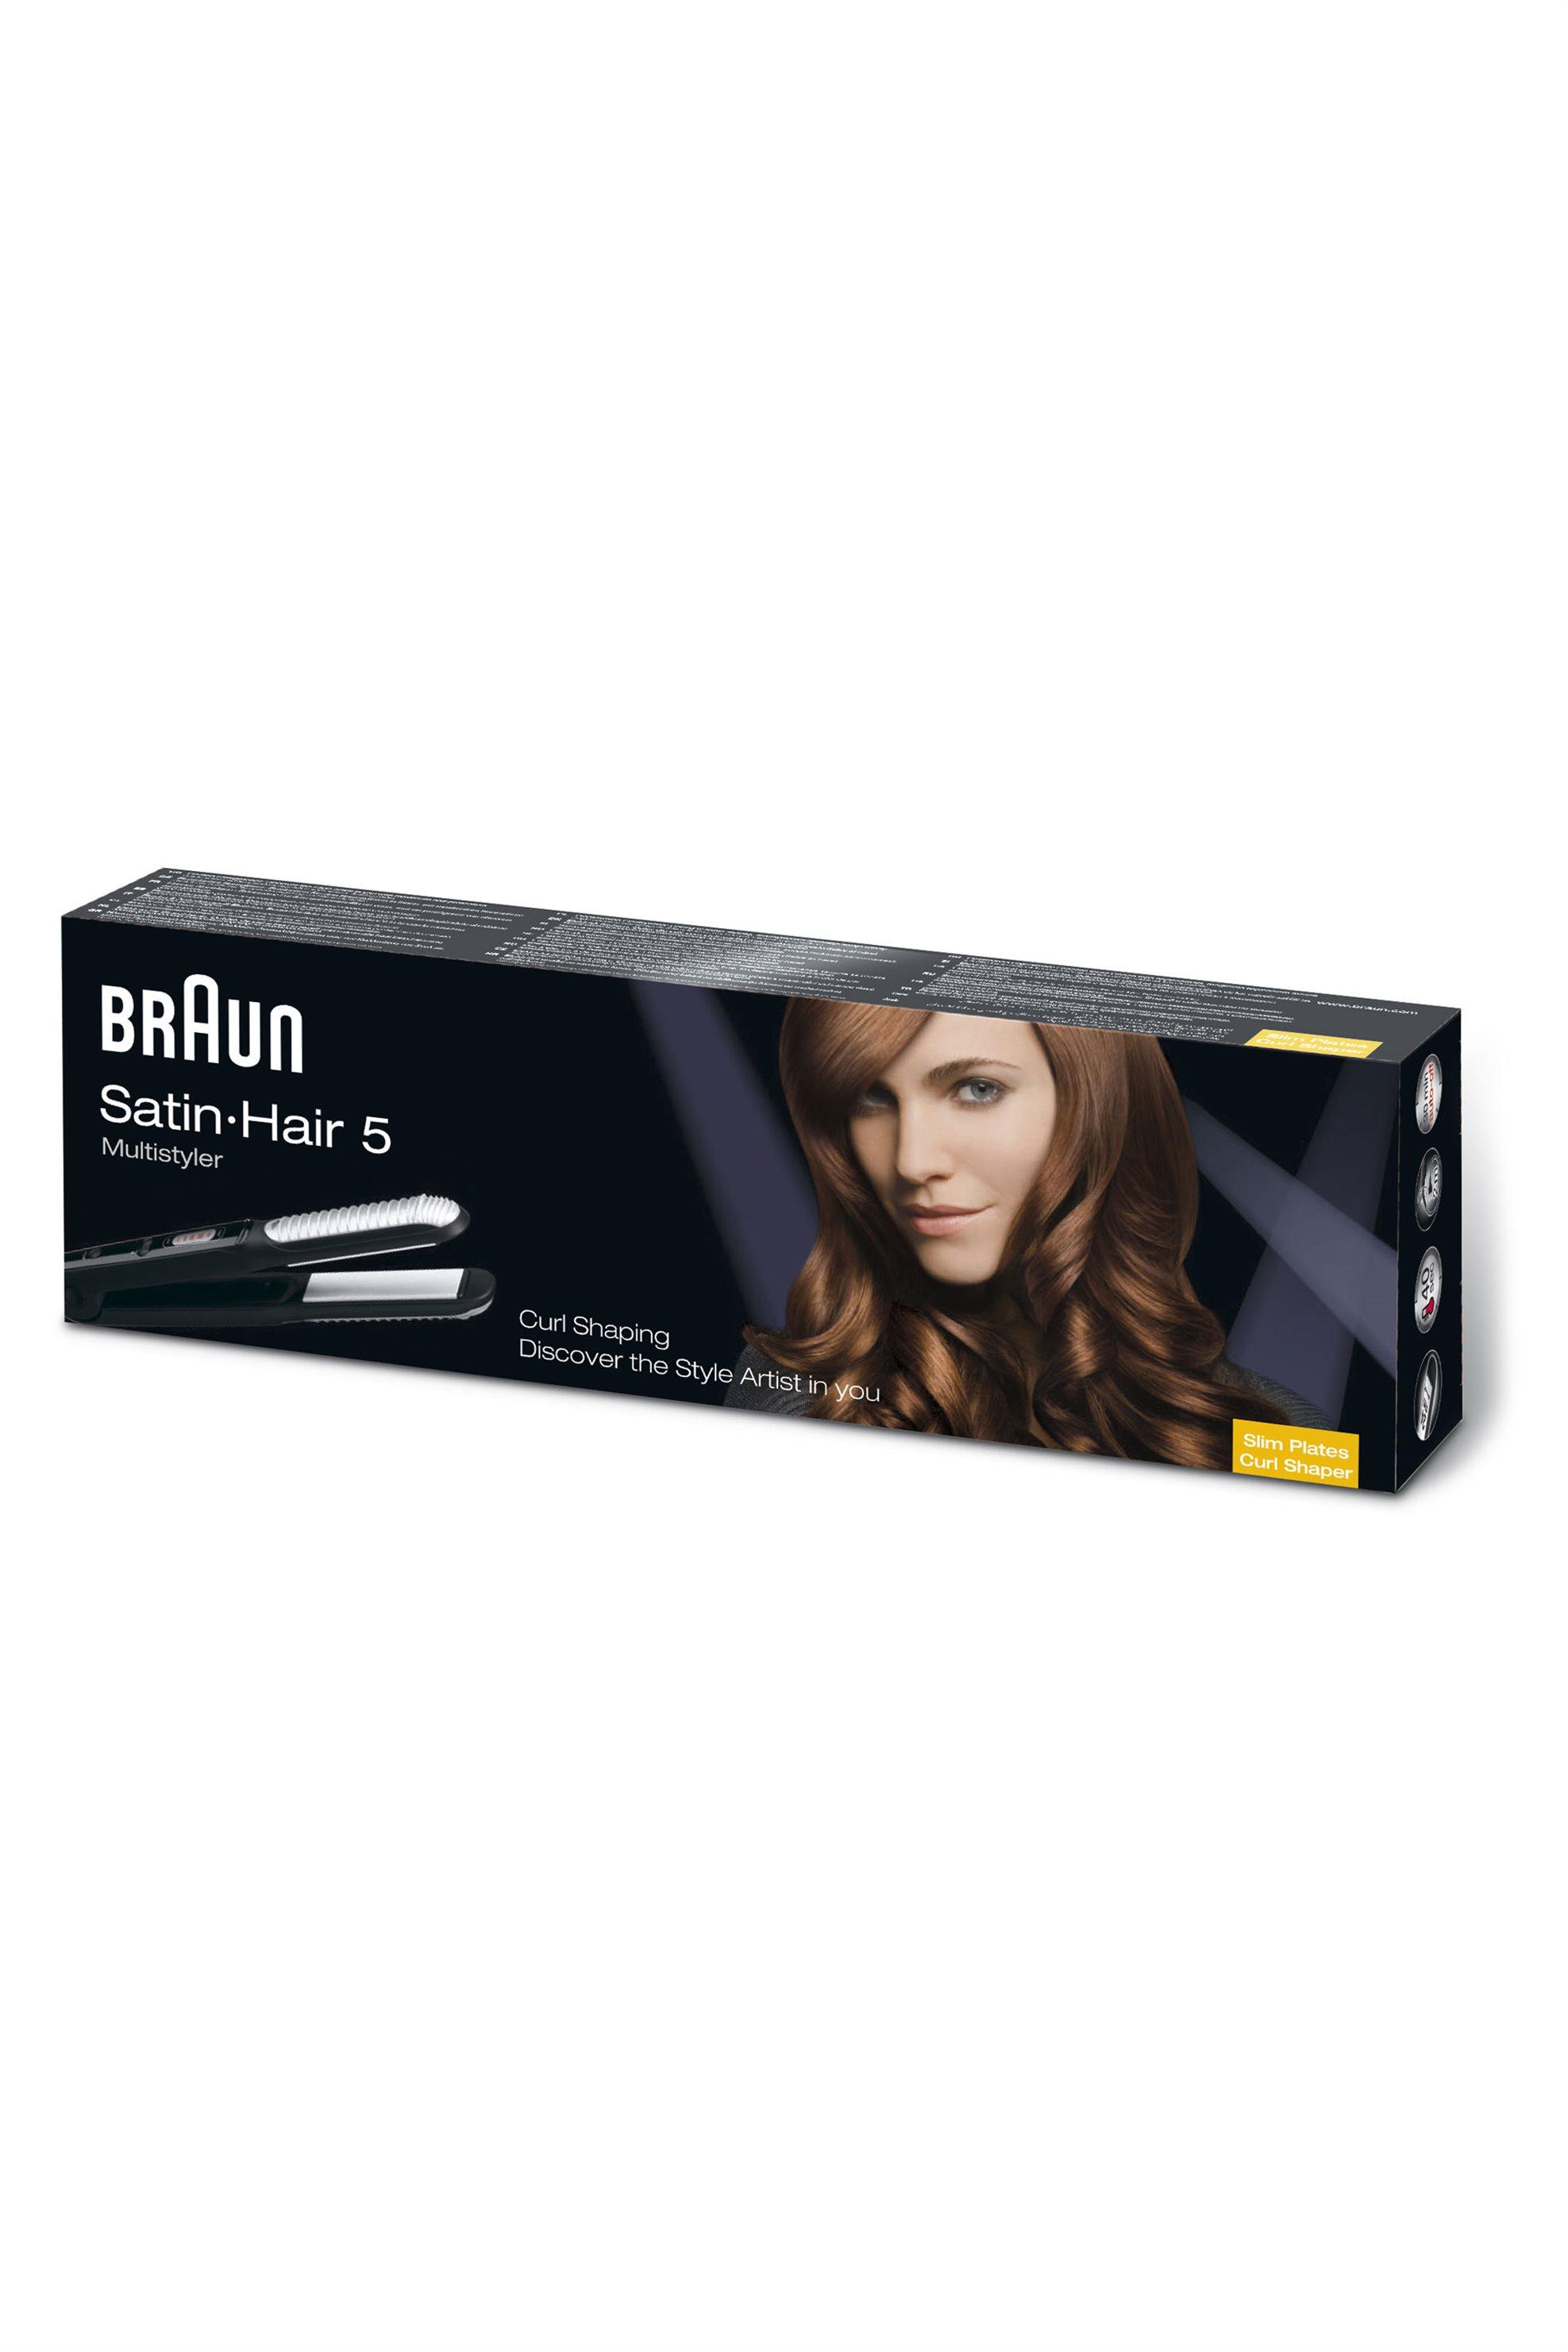 Συσκευή για ίσιωμα και μπούκλες ST550 Βraun - ST550 home   συσκευεσ περιποιησησ   πρέσες μαλλιών